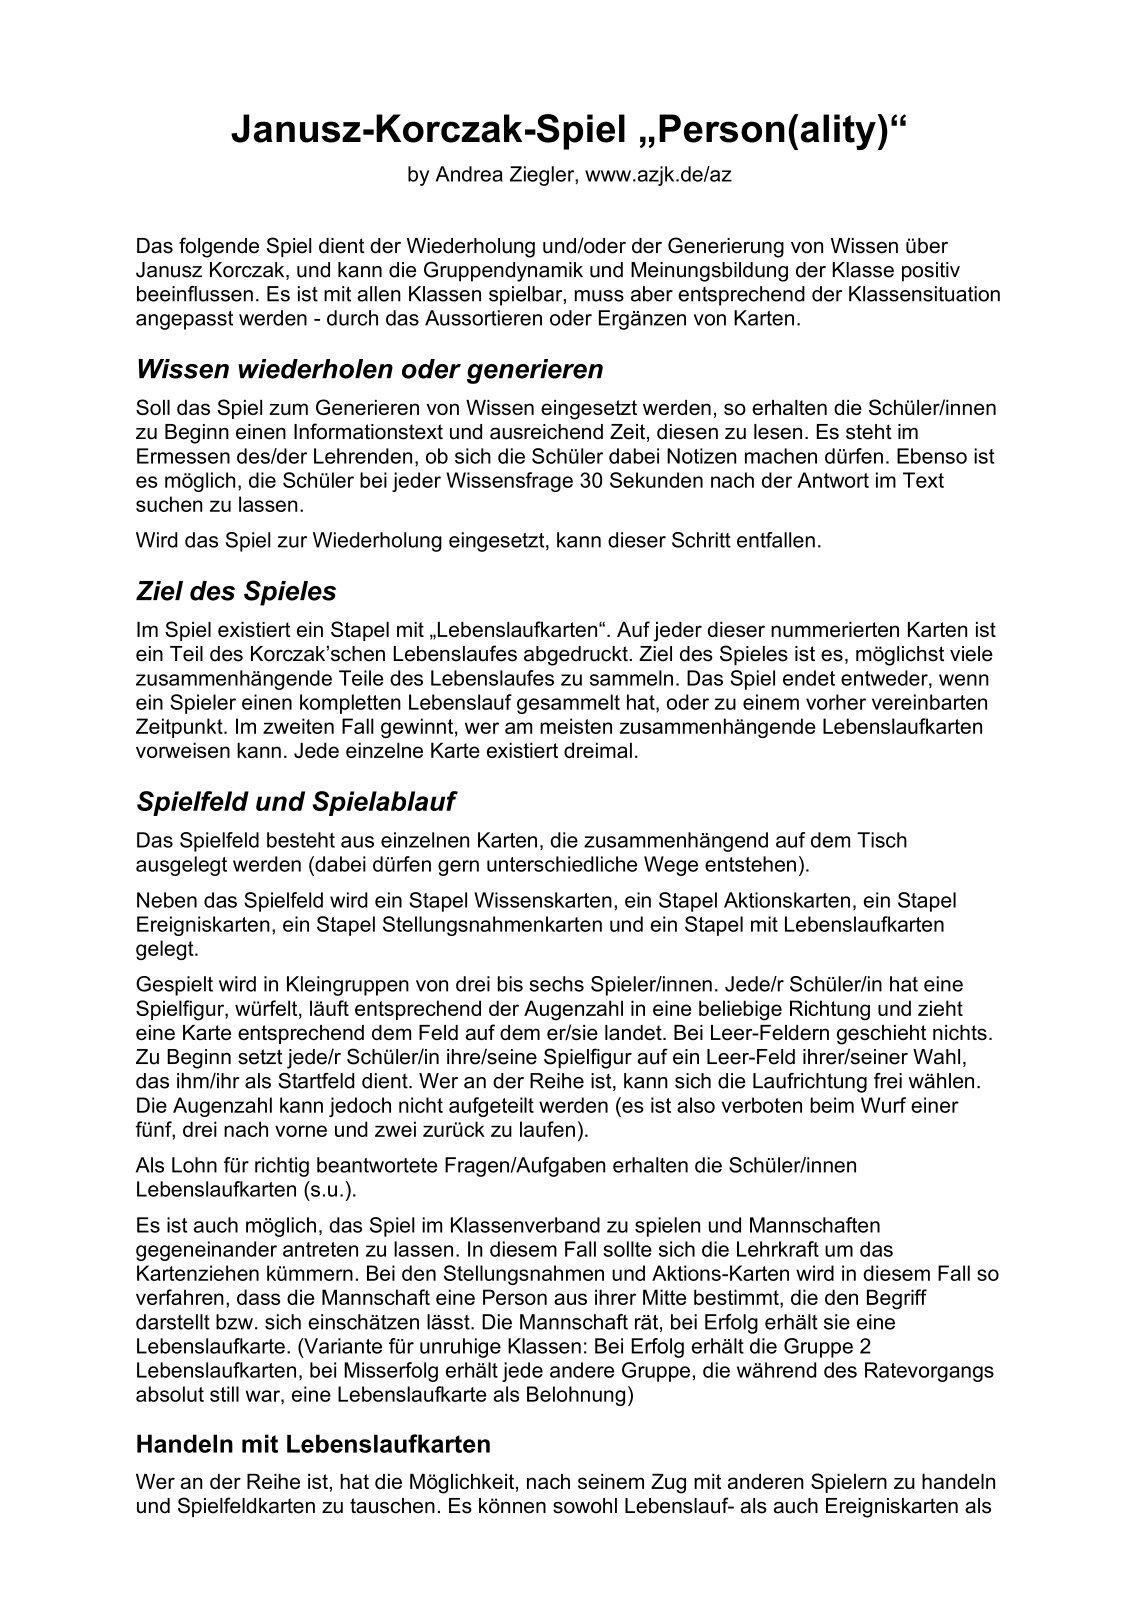 Charmant Ziele Für Lebensläufe Galerie - Entry Level Resume Vorlagen ...